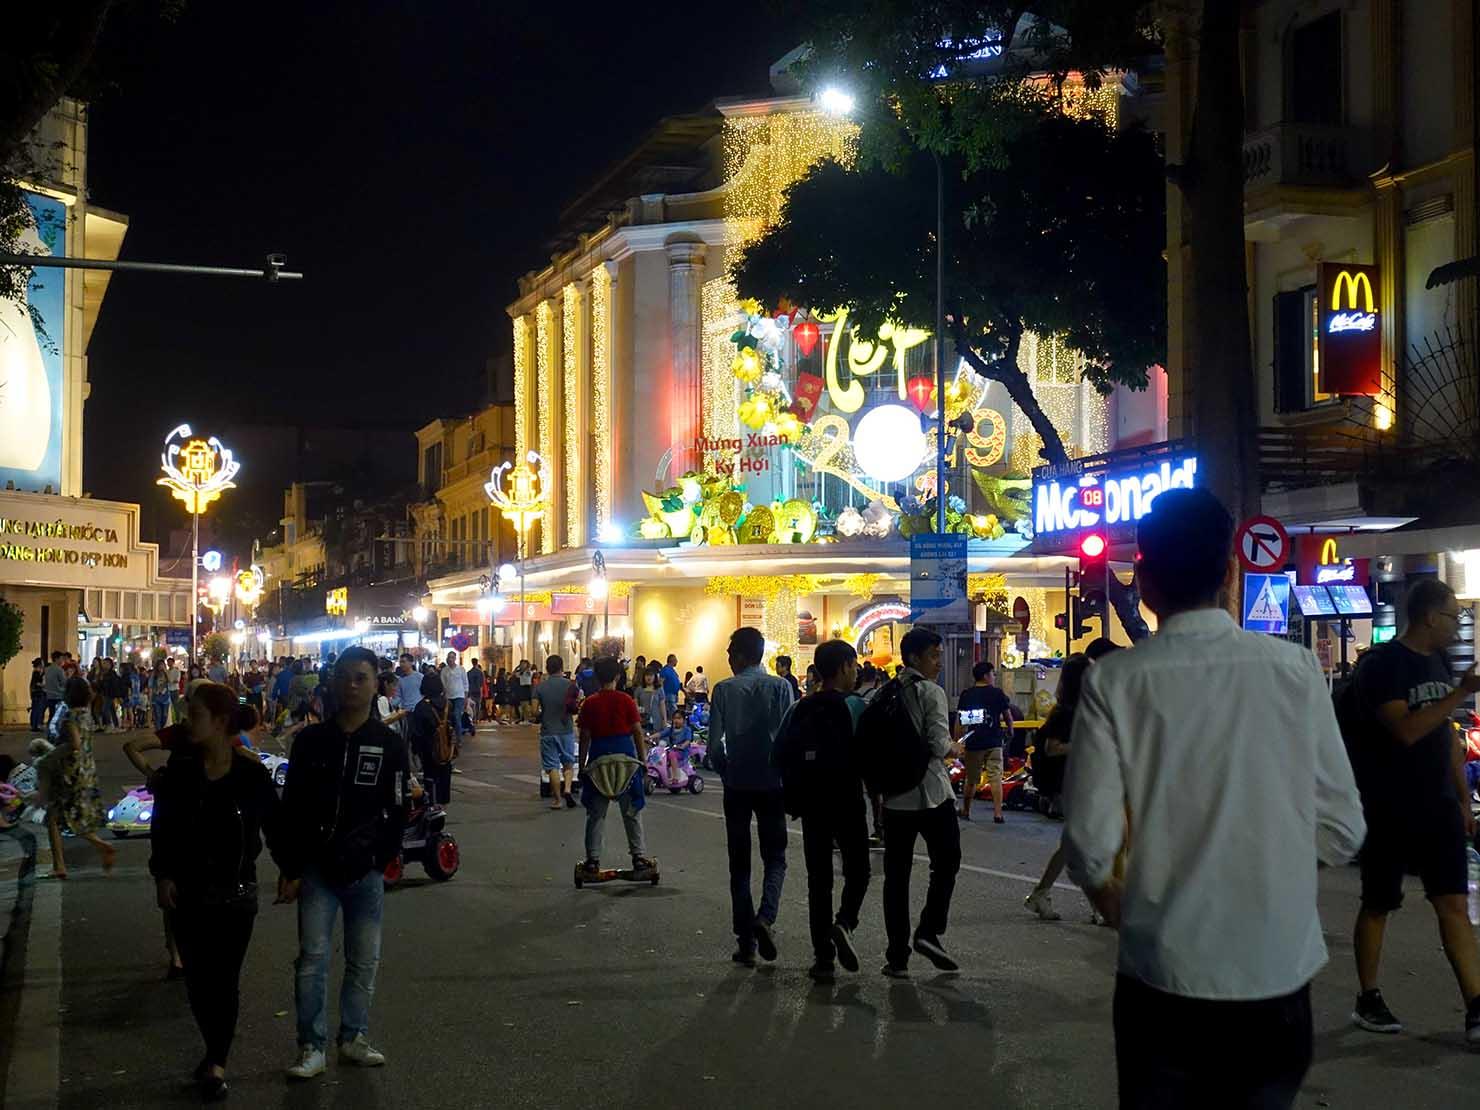 ベトナム・ハノイ旧市街の観光スポット「ホアンキエム湖」の歩行者天国